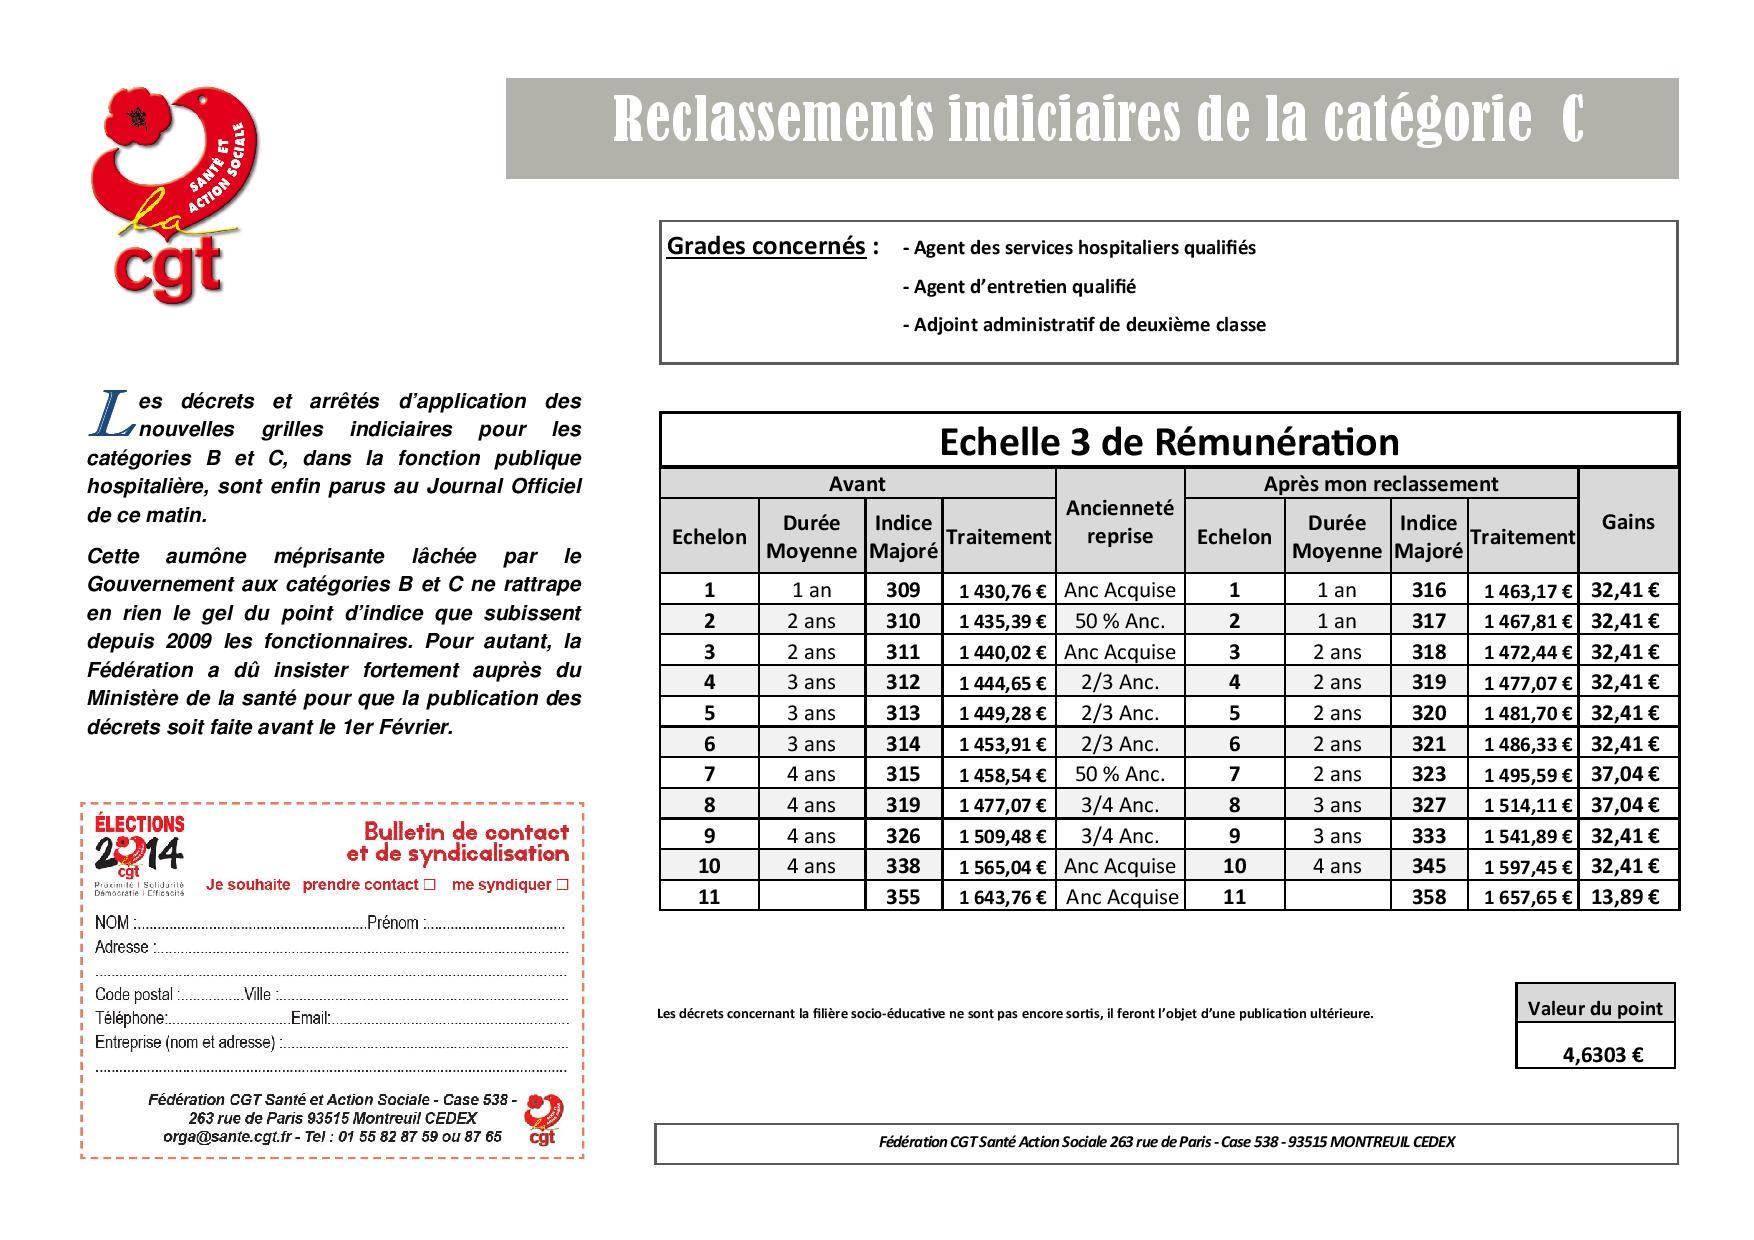 Grille catégorie C Echelle 3 de rémunération-page-001